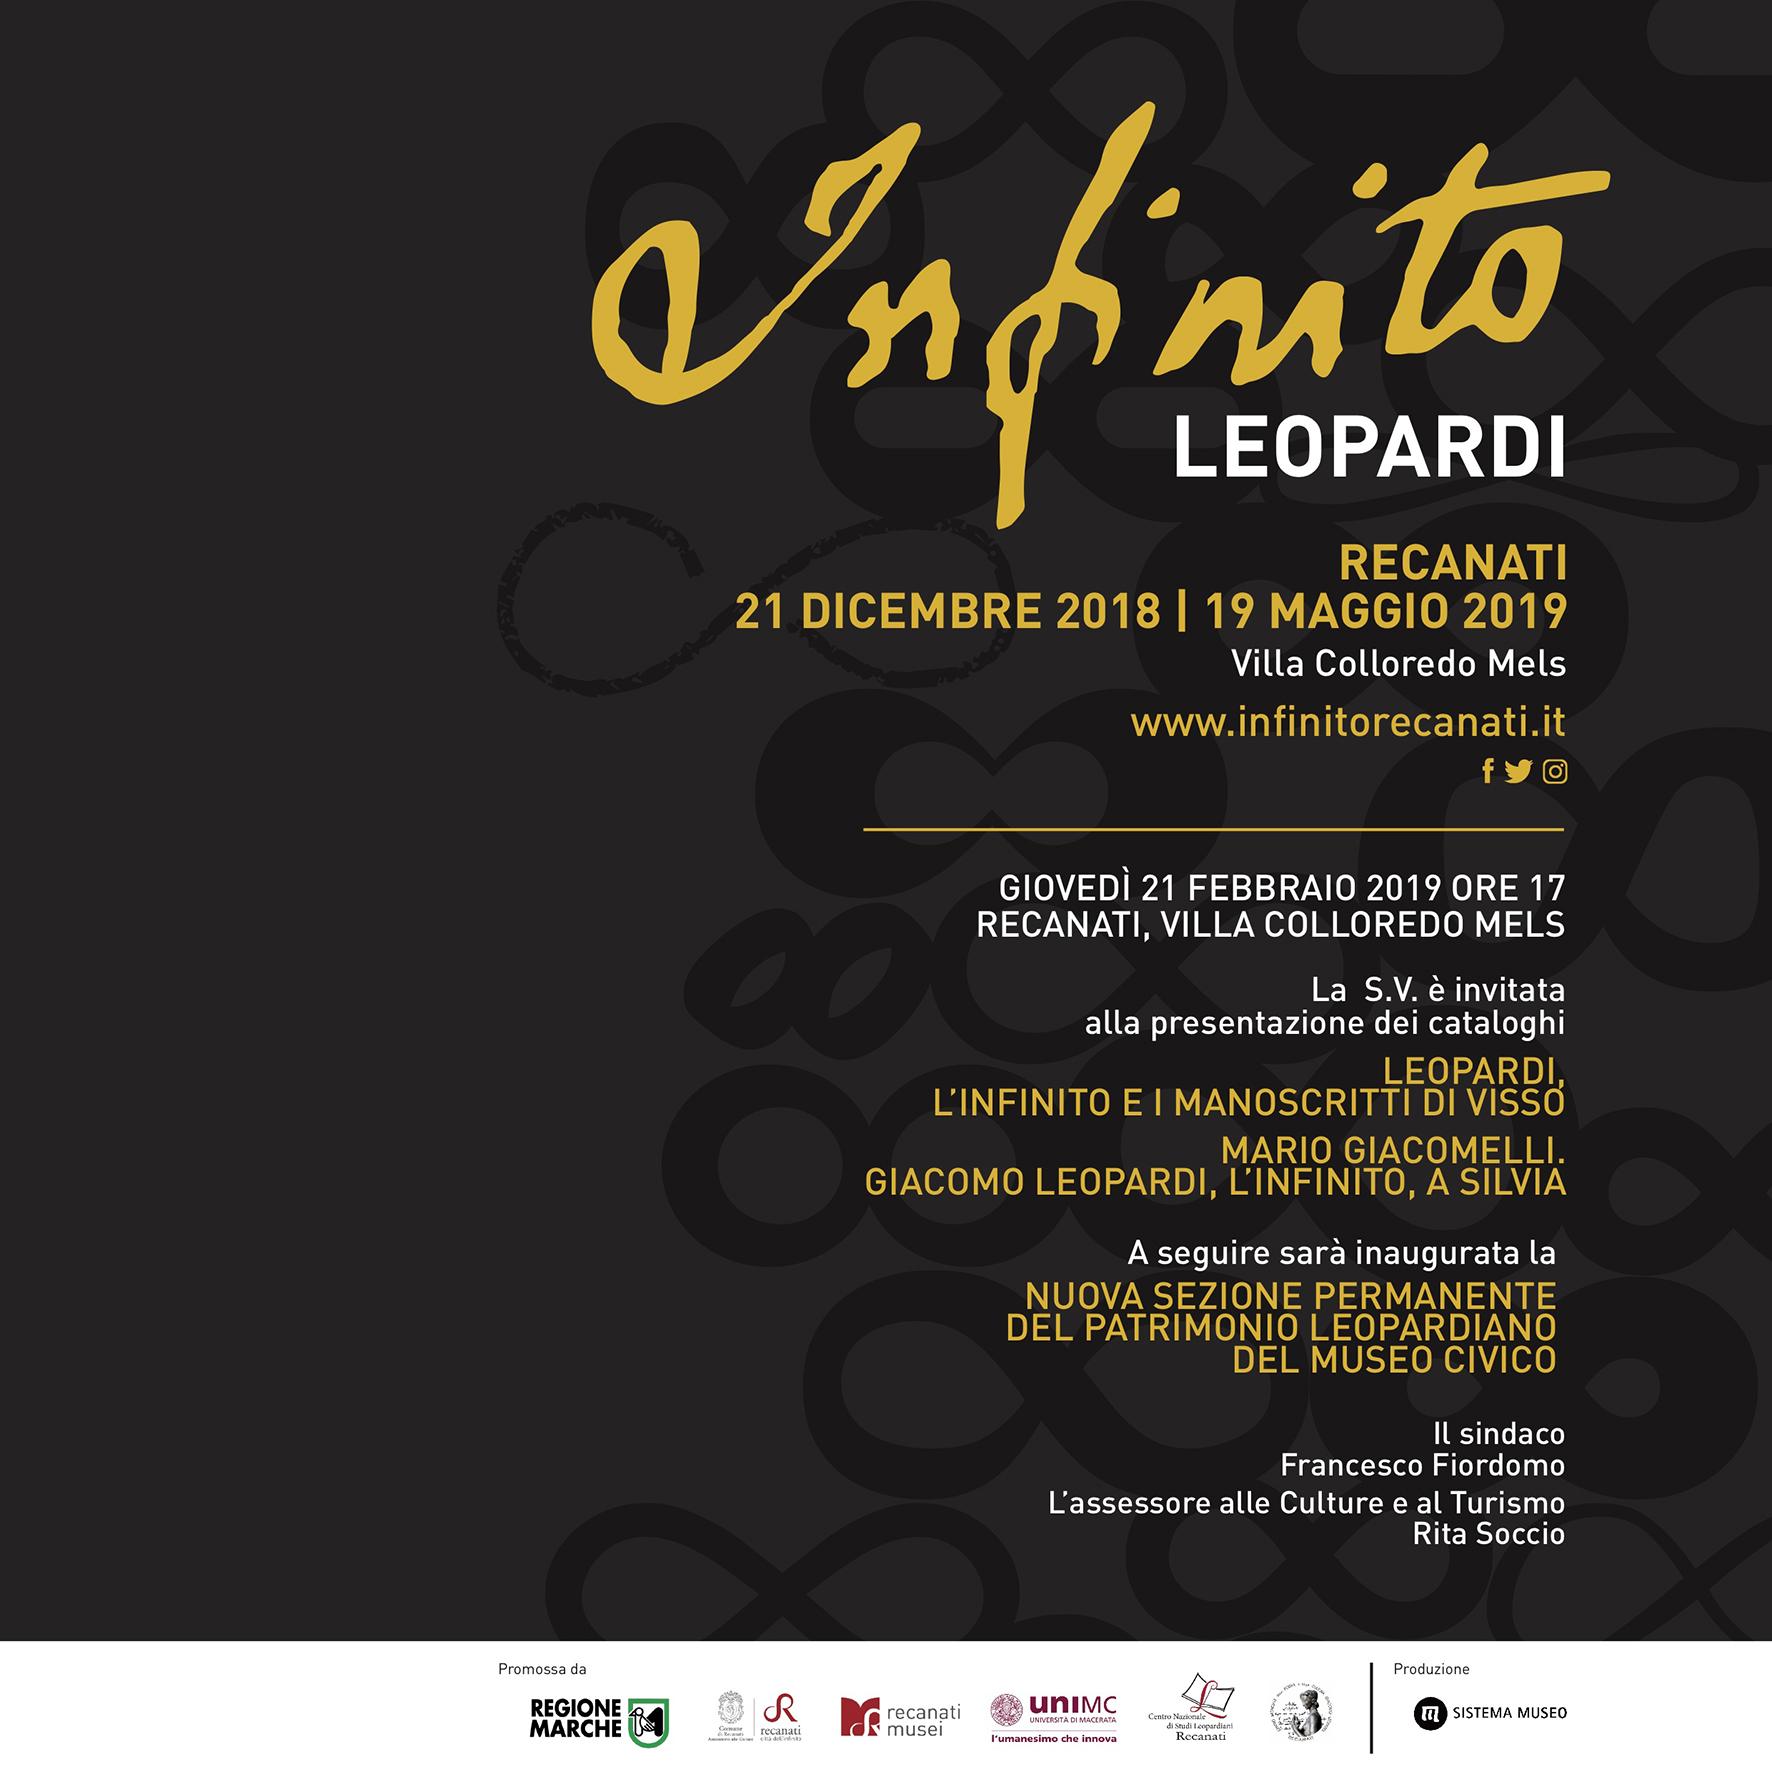 49fb1d57e3d Presentazione cataloghi e inaugurazione sezione leopardiana